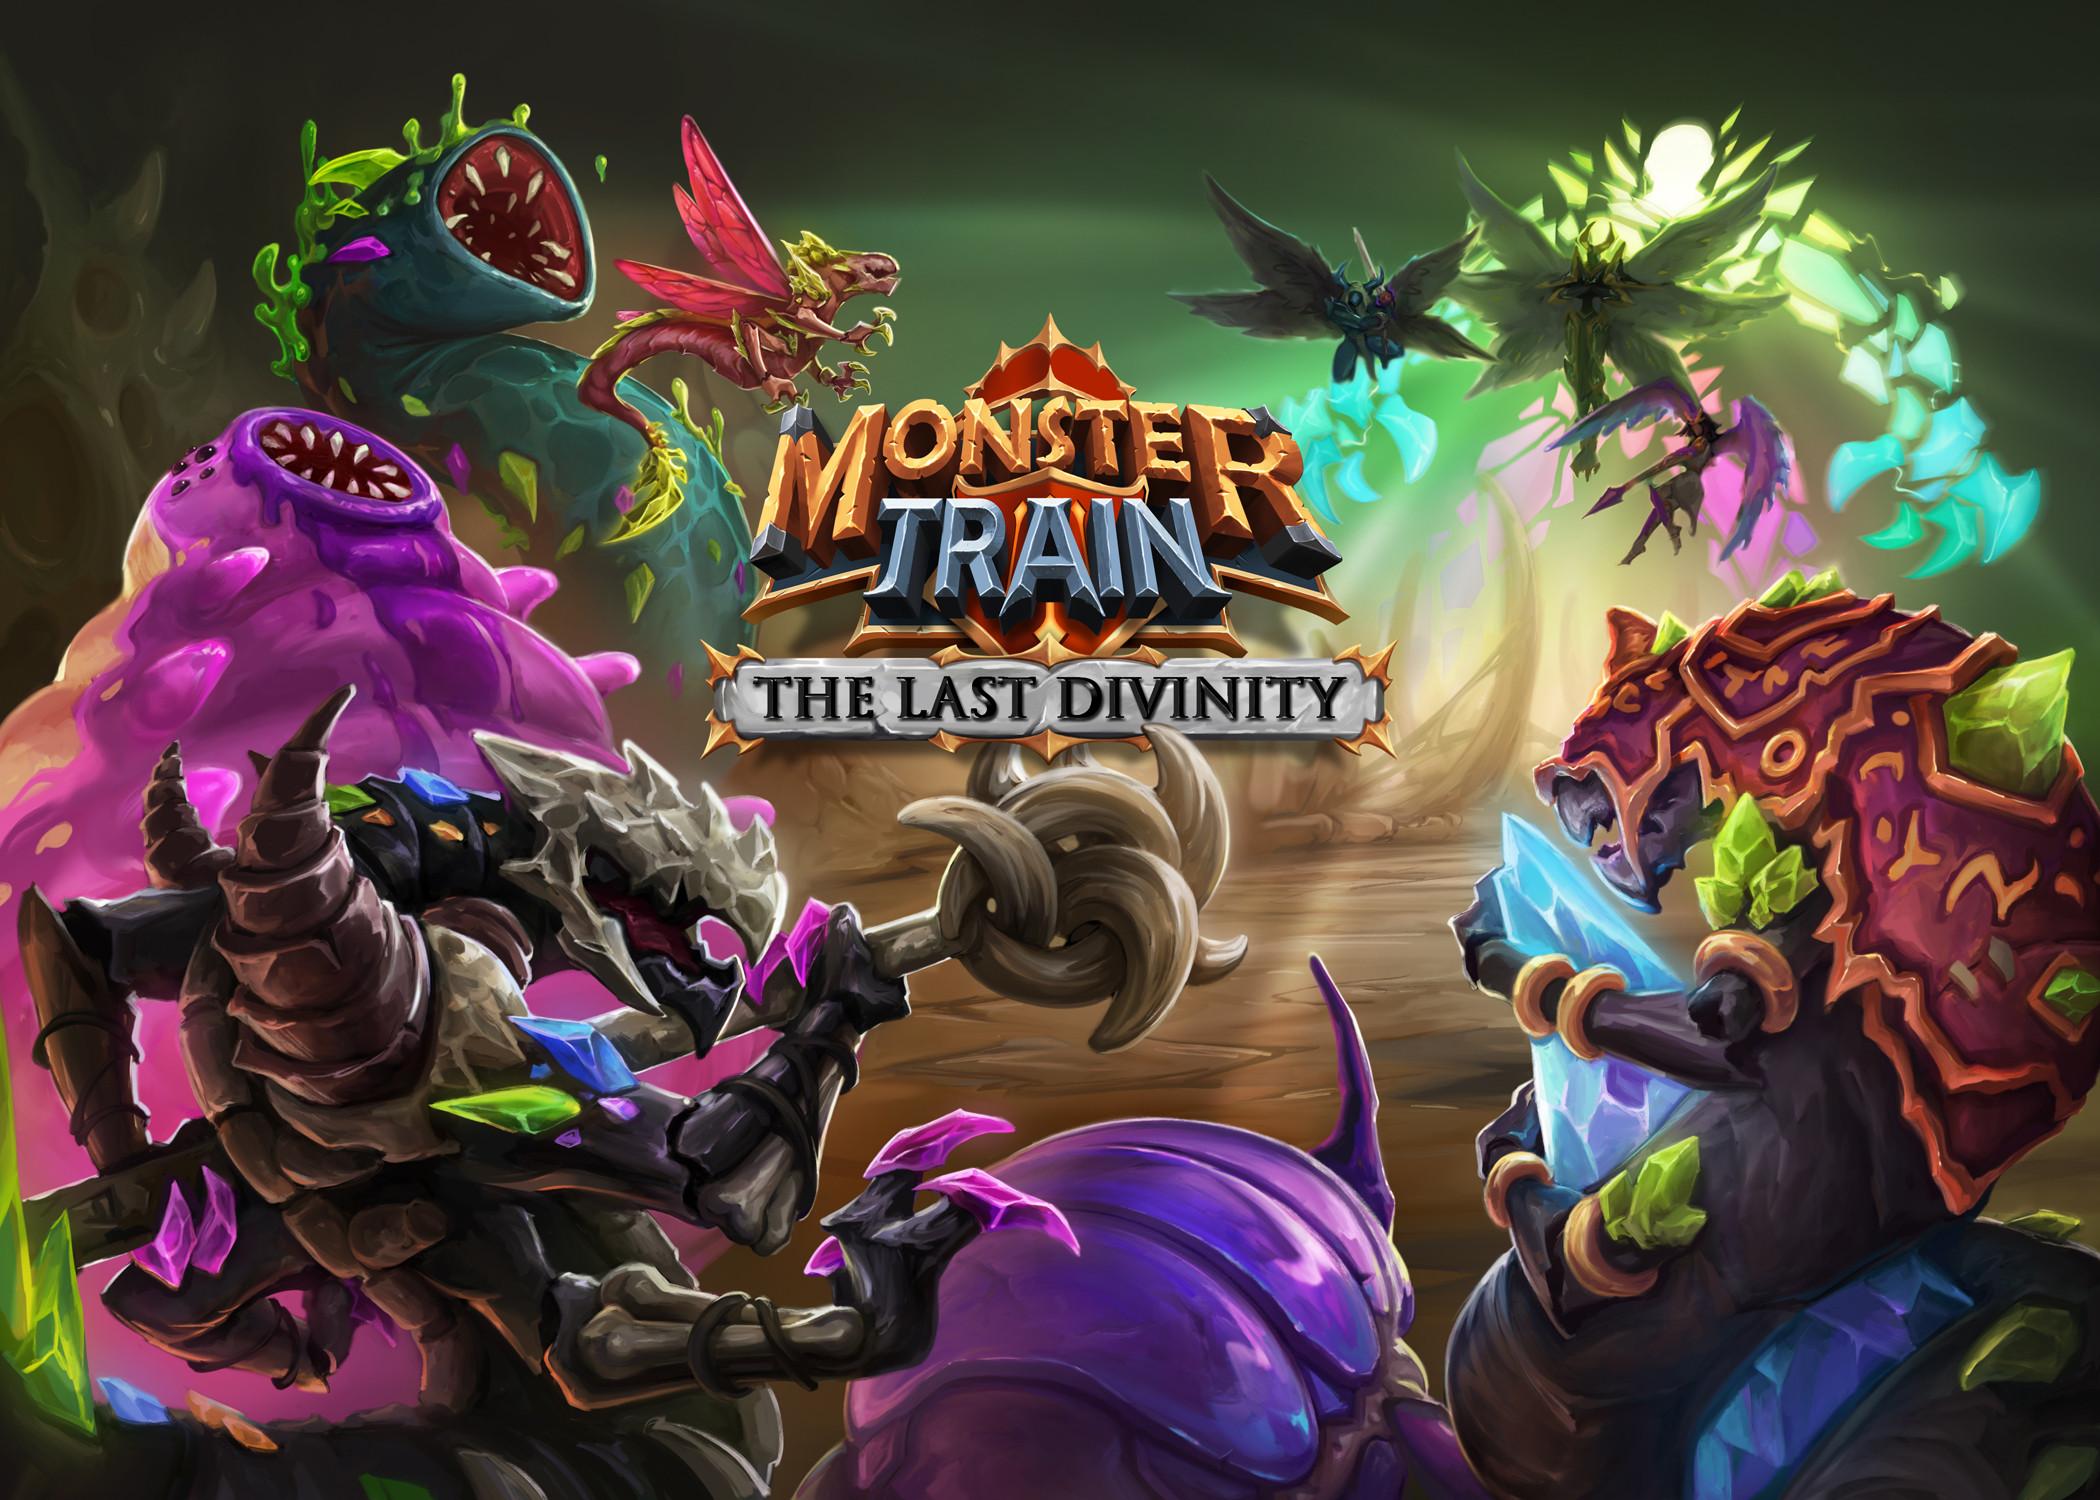 Key art for Monster Train: The Last Divinity DLC